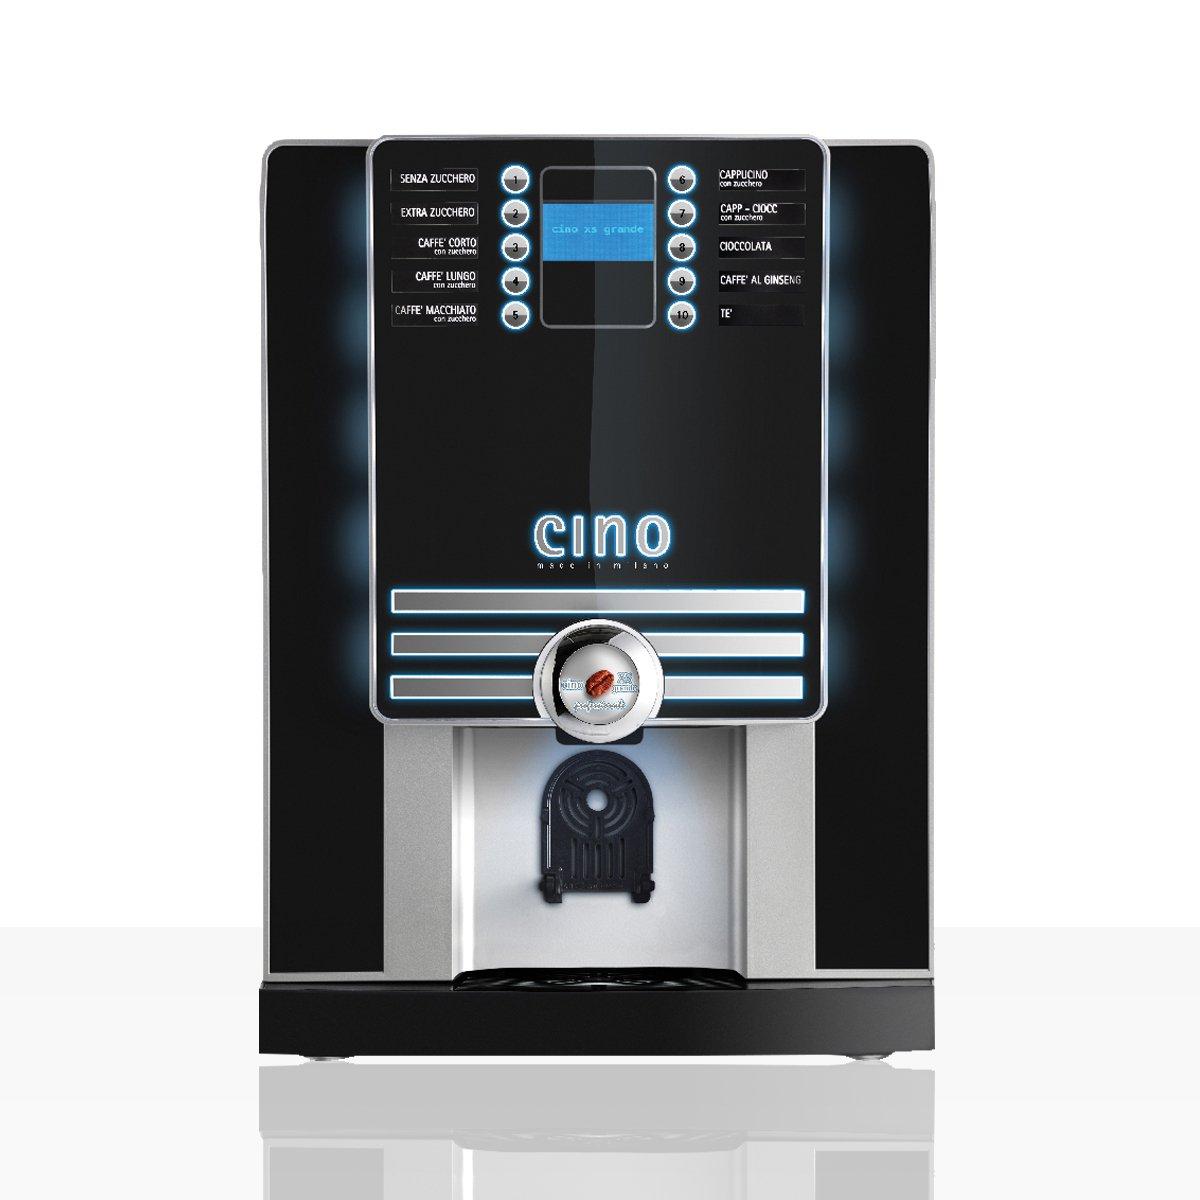 servomat steigler Cino grande Plus SM Cafetera automática (Instant ...